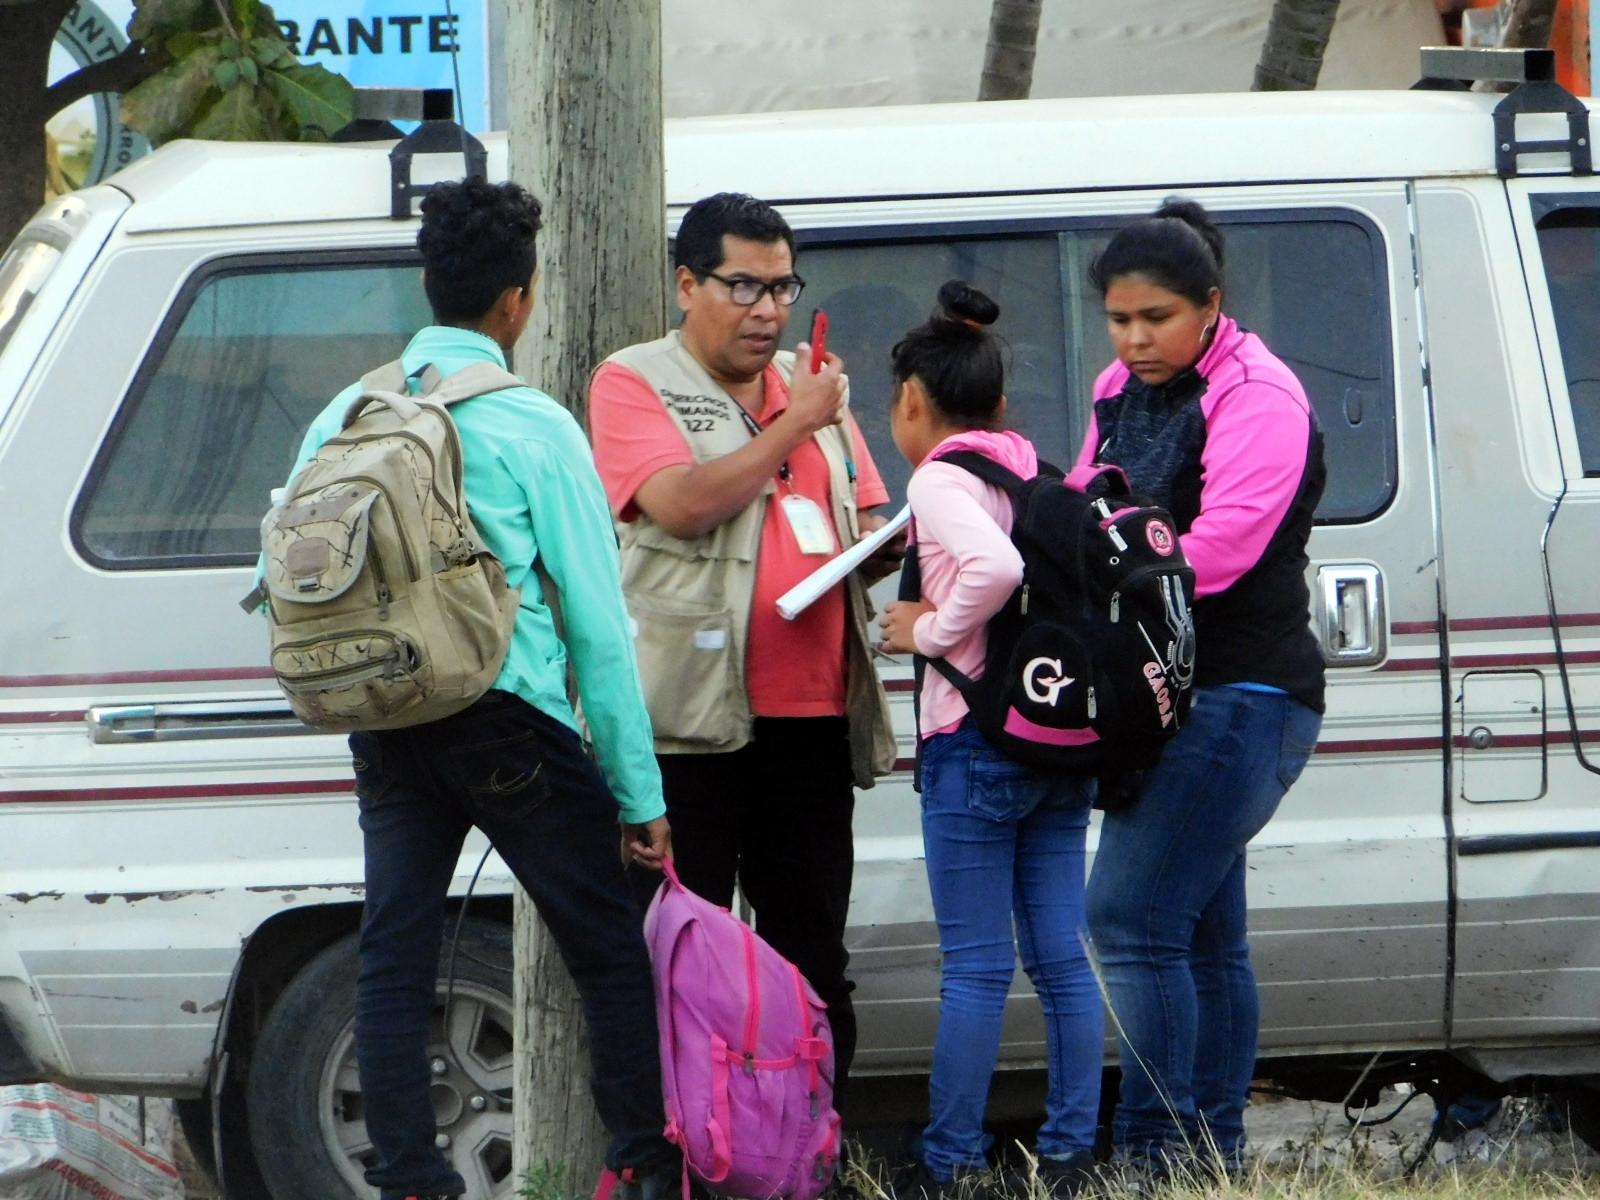 """Según datos de las organizaciones de derechos humanos y el Estado de Honduras, más de 500 personas abandonan el país de manera regular todos los días, siendo un efecto considerado """"de goteo""""."""